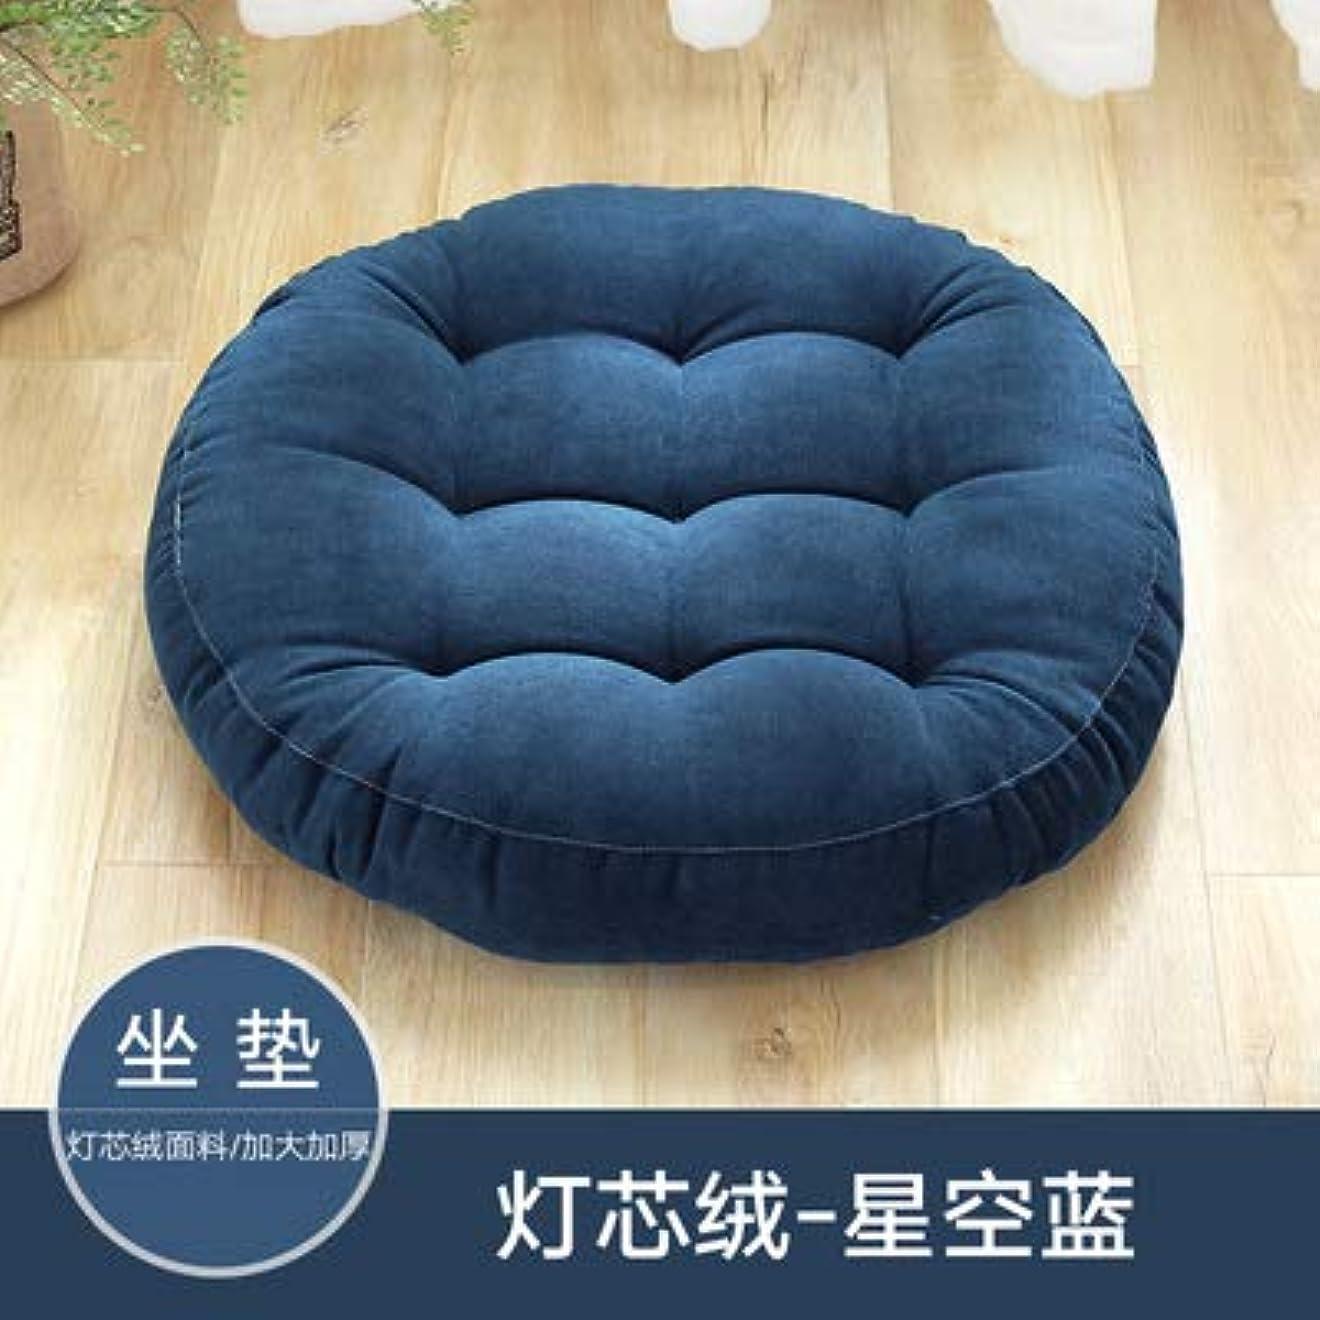 開発するレポートを書く革新LIFE ラウンド厚い椅子のクッションフロアマットレスシートパッドソフトホームオフィスチェアクッションマットソフトスロー枕最高品質の床クッション クッション 椅子